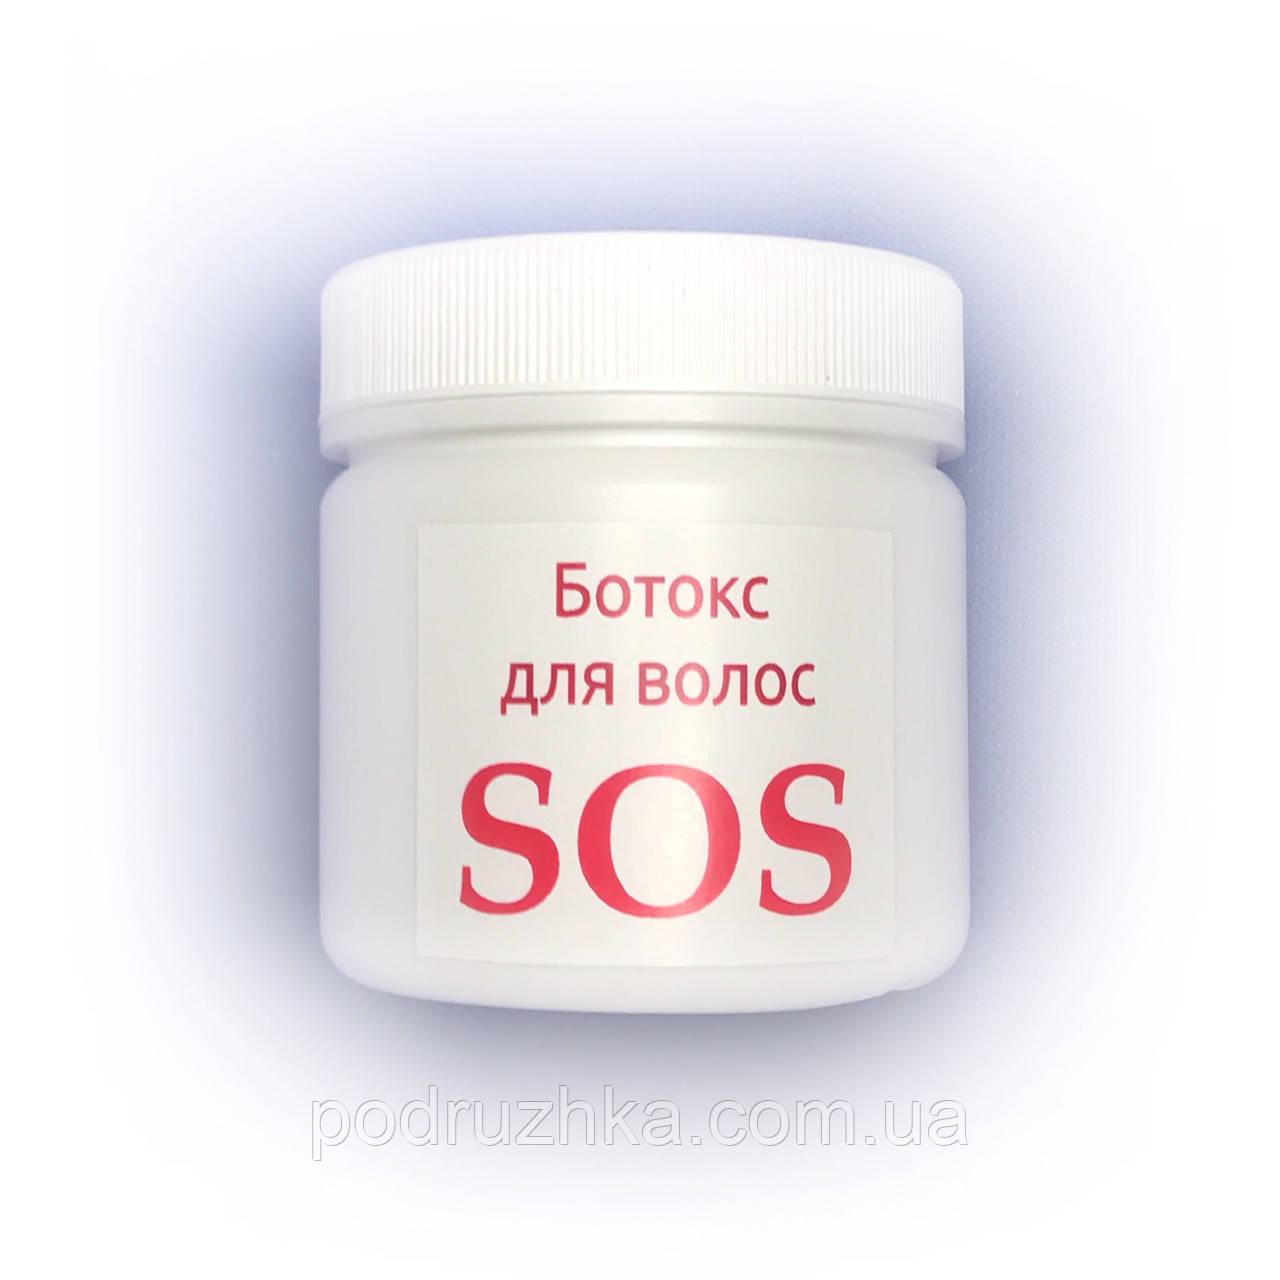 Ботокс для відновлення волосся XMIX SOS 1000 г